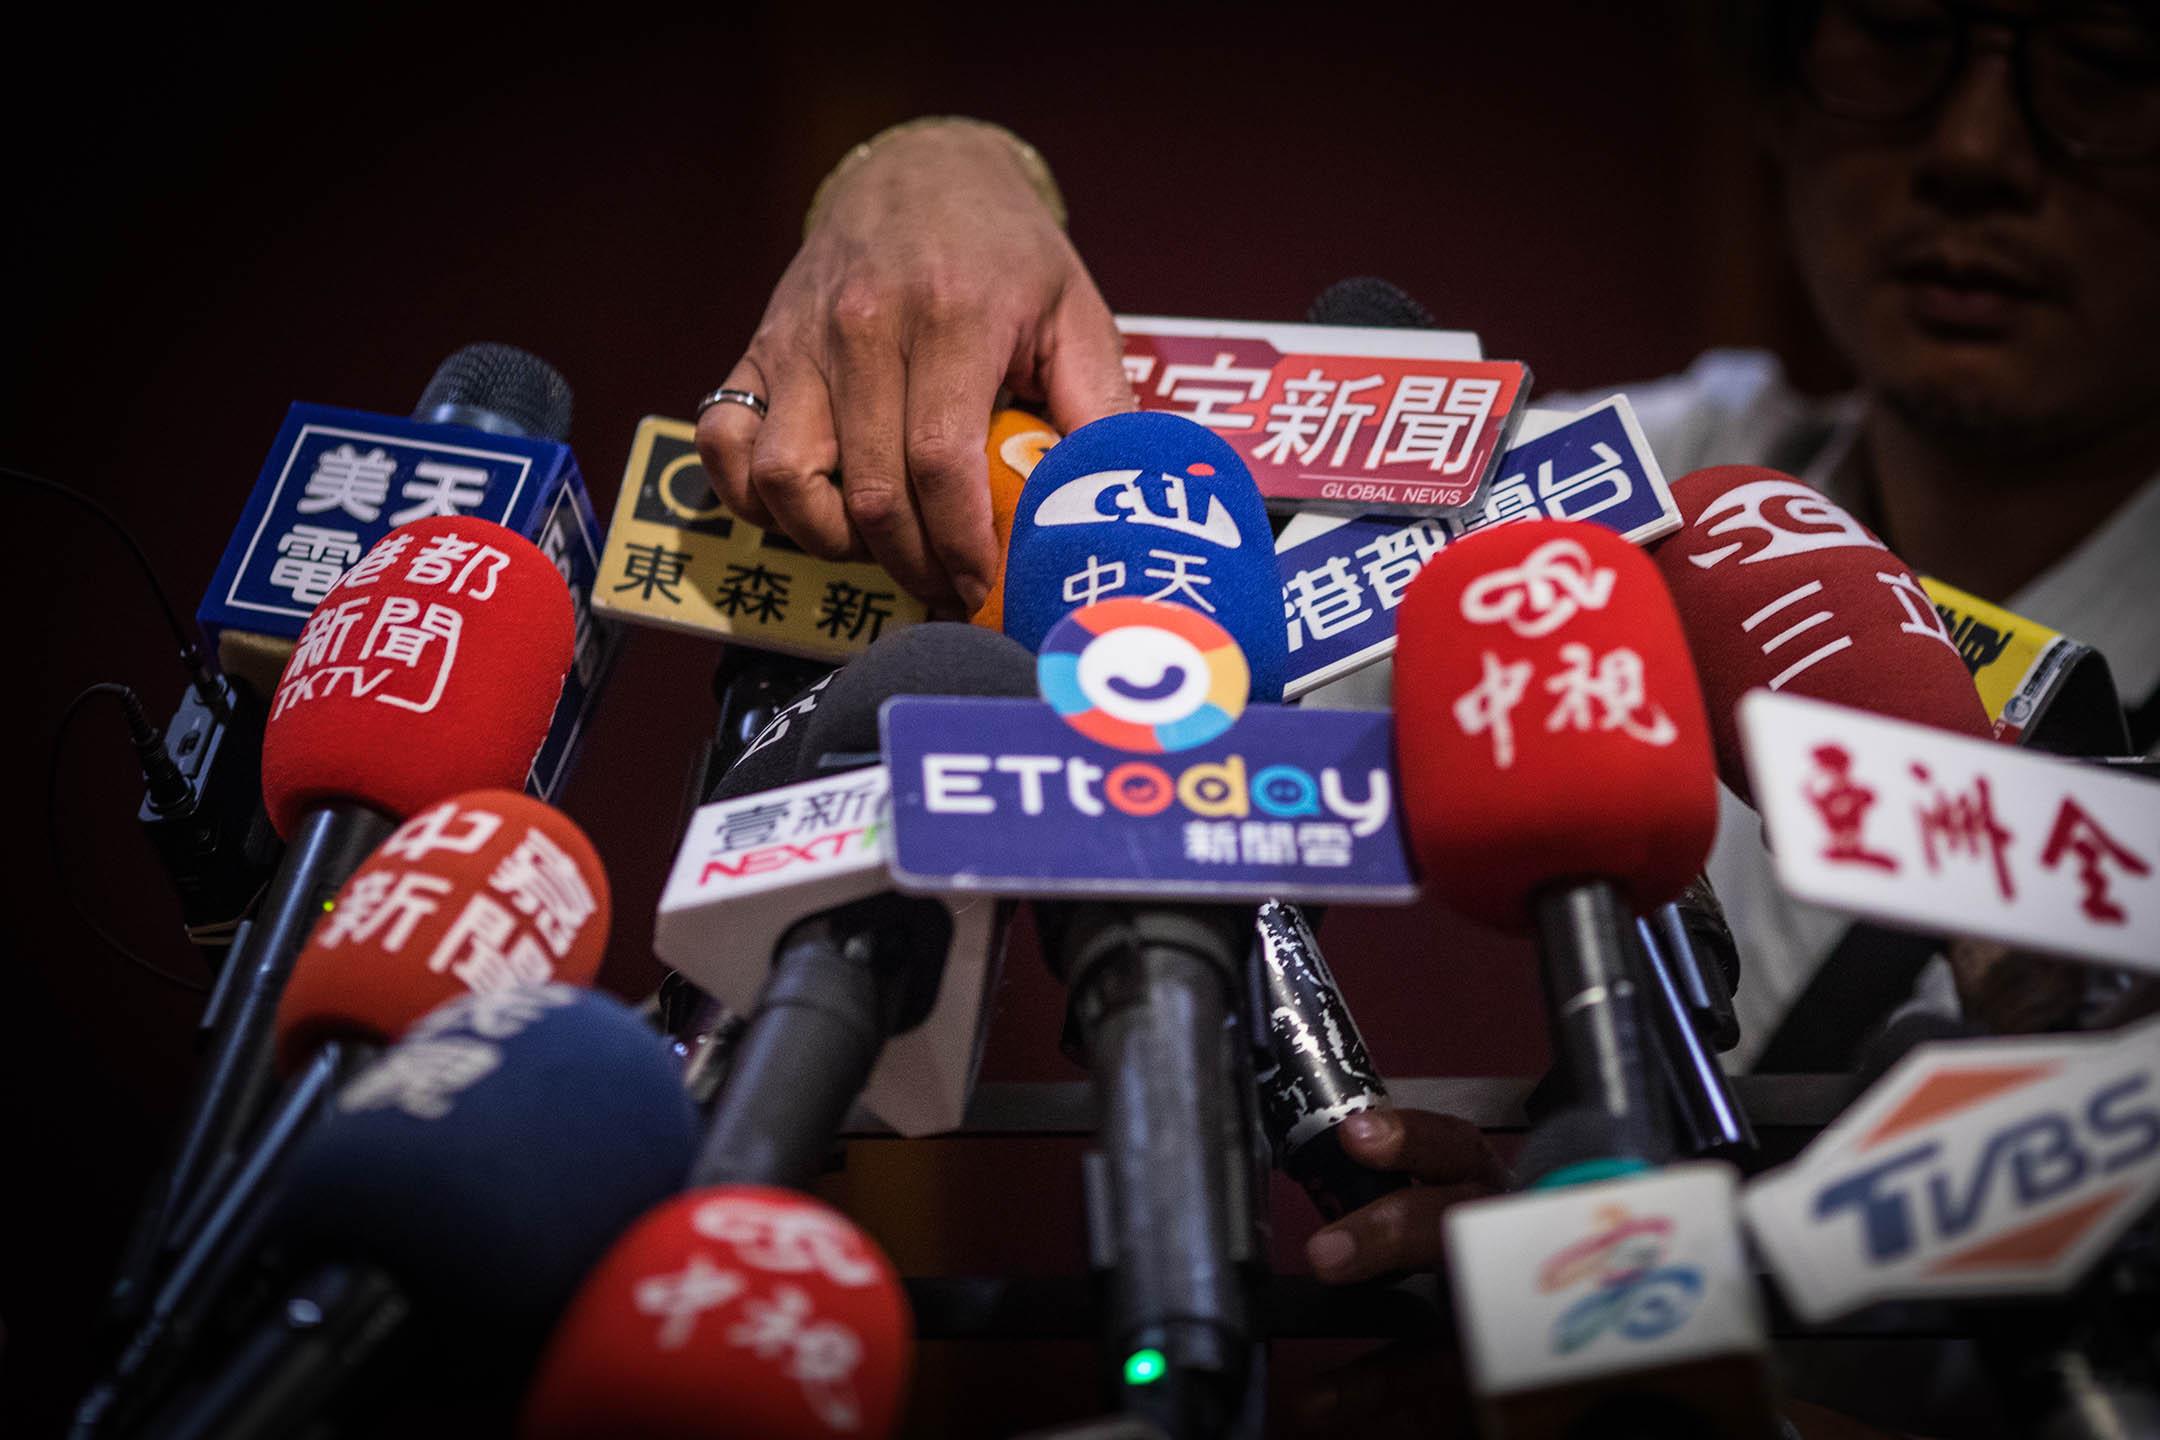 2019年4月22日,高雄市長韓國瑜出席歐洲商會餐會,傳媒等待聯訪。 攝:陳焯煇/端傳媒